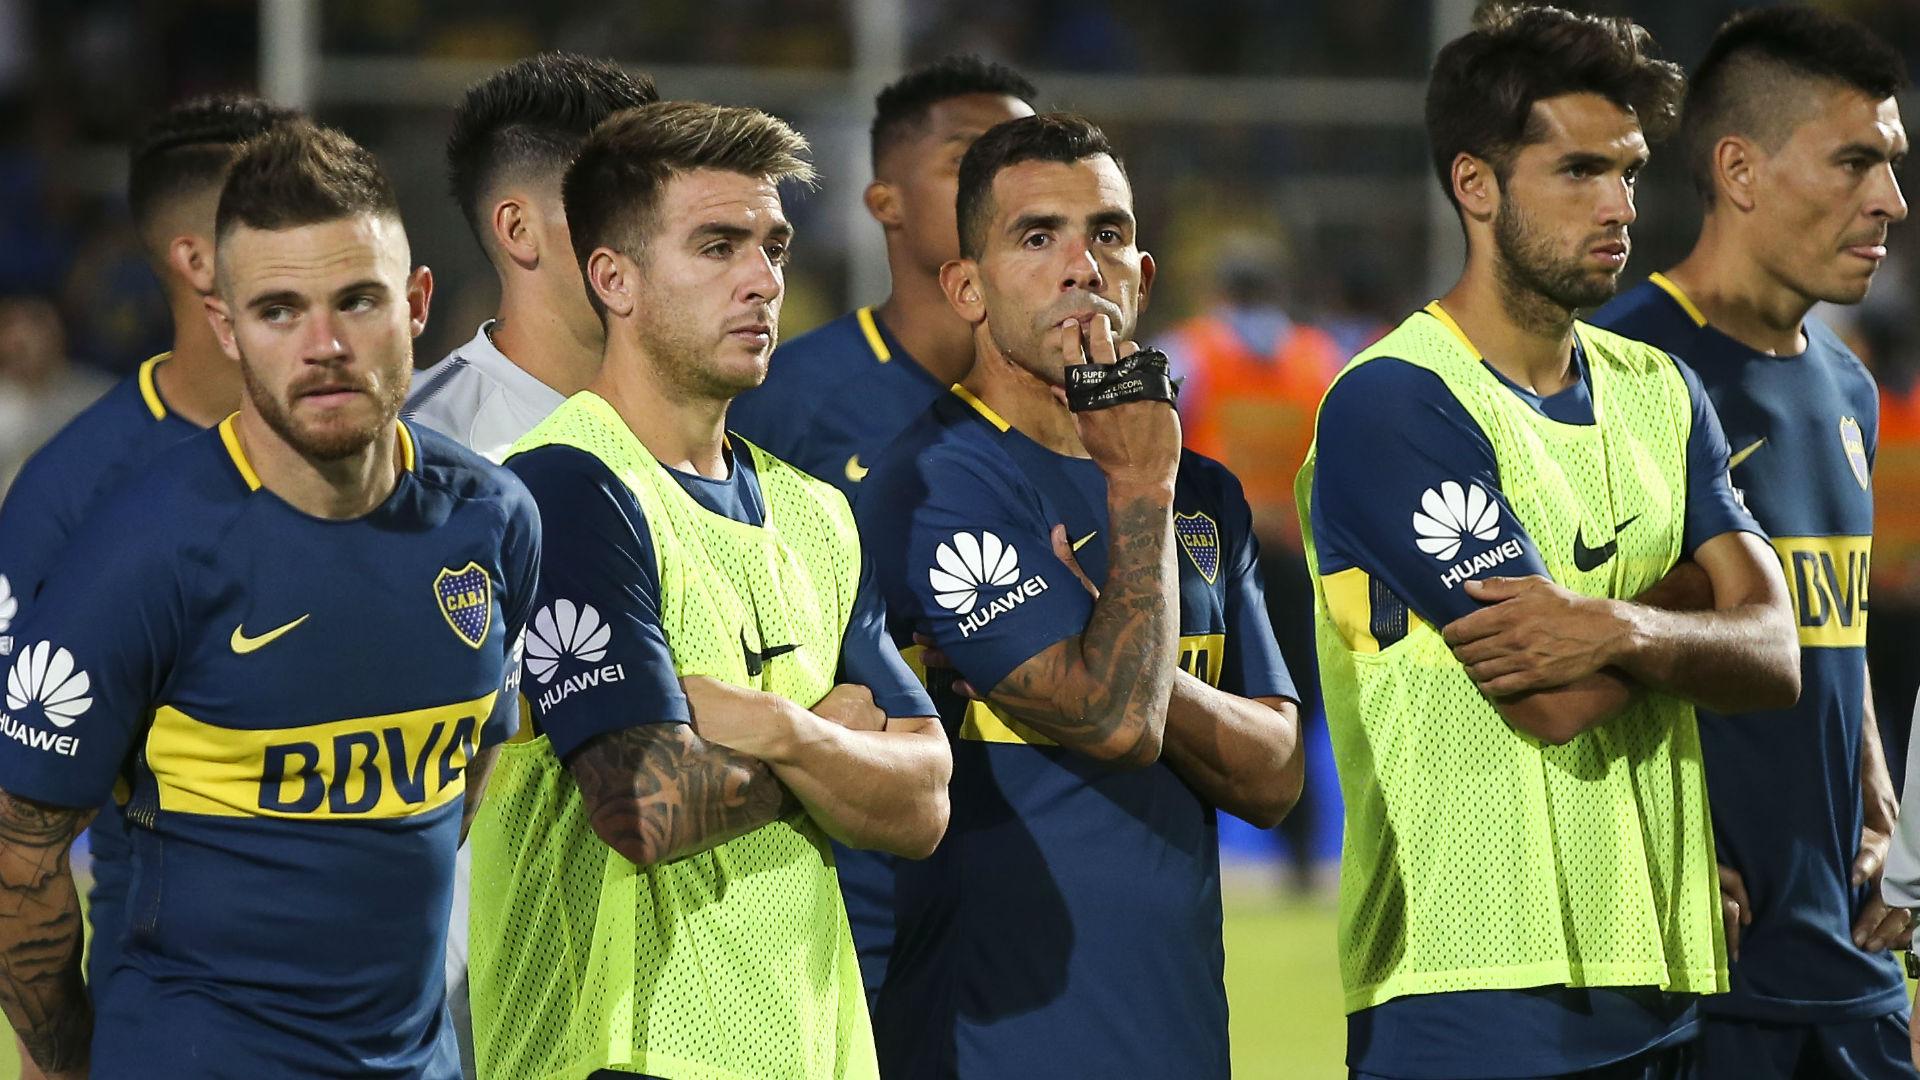 Se lesionaron Tevez y Cardona — Problemas en Boca